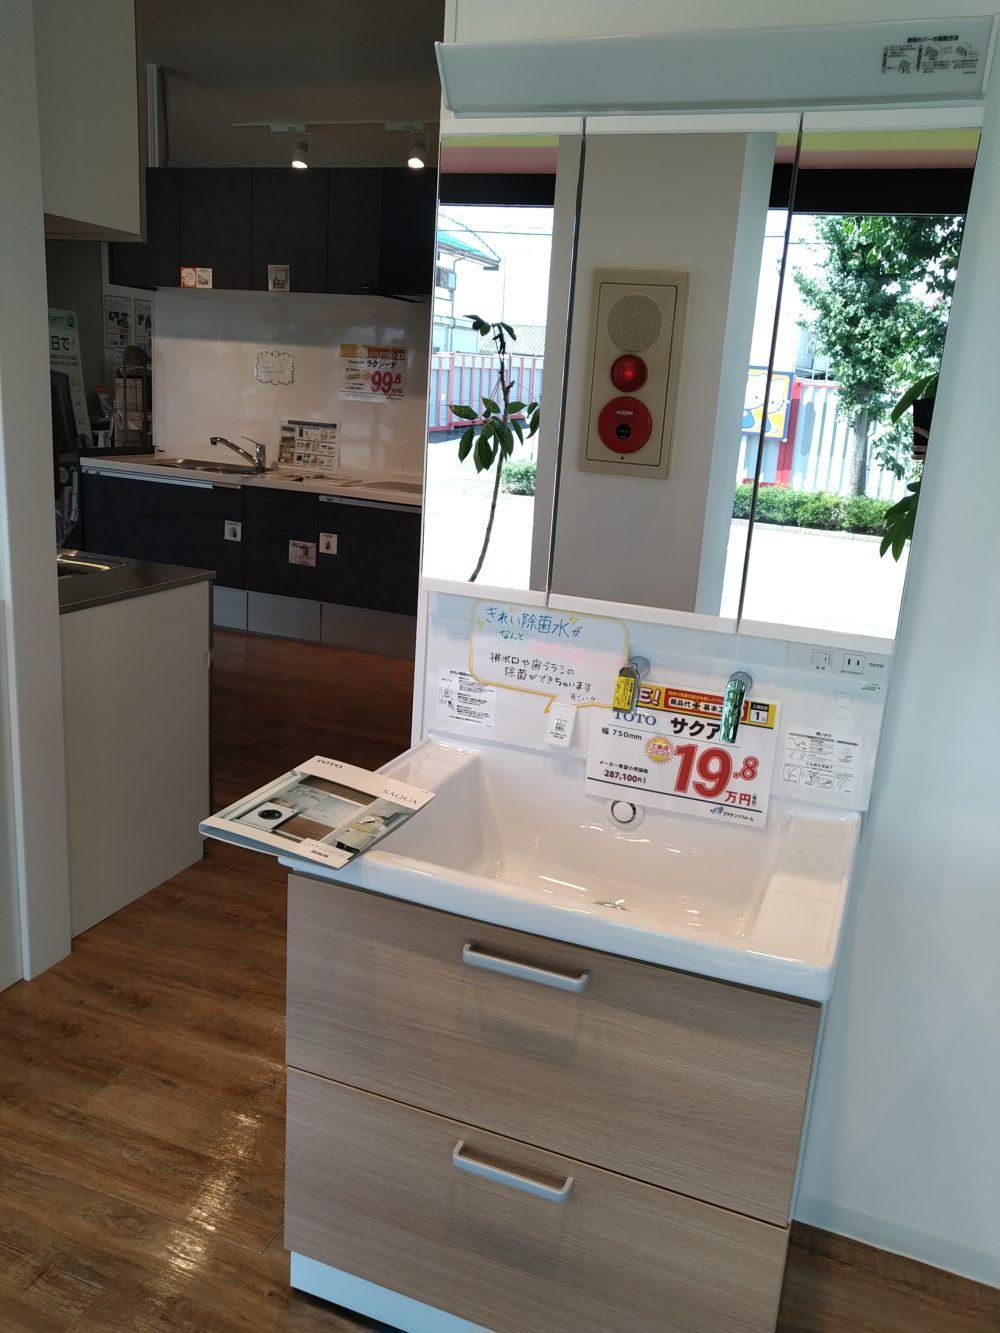 女性に嬉しい機能付きの洗面台をご紹介します!